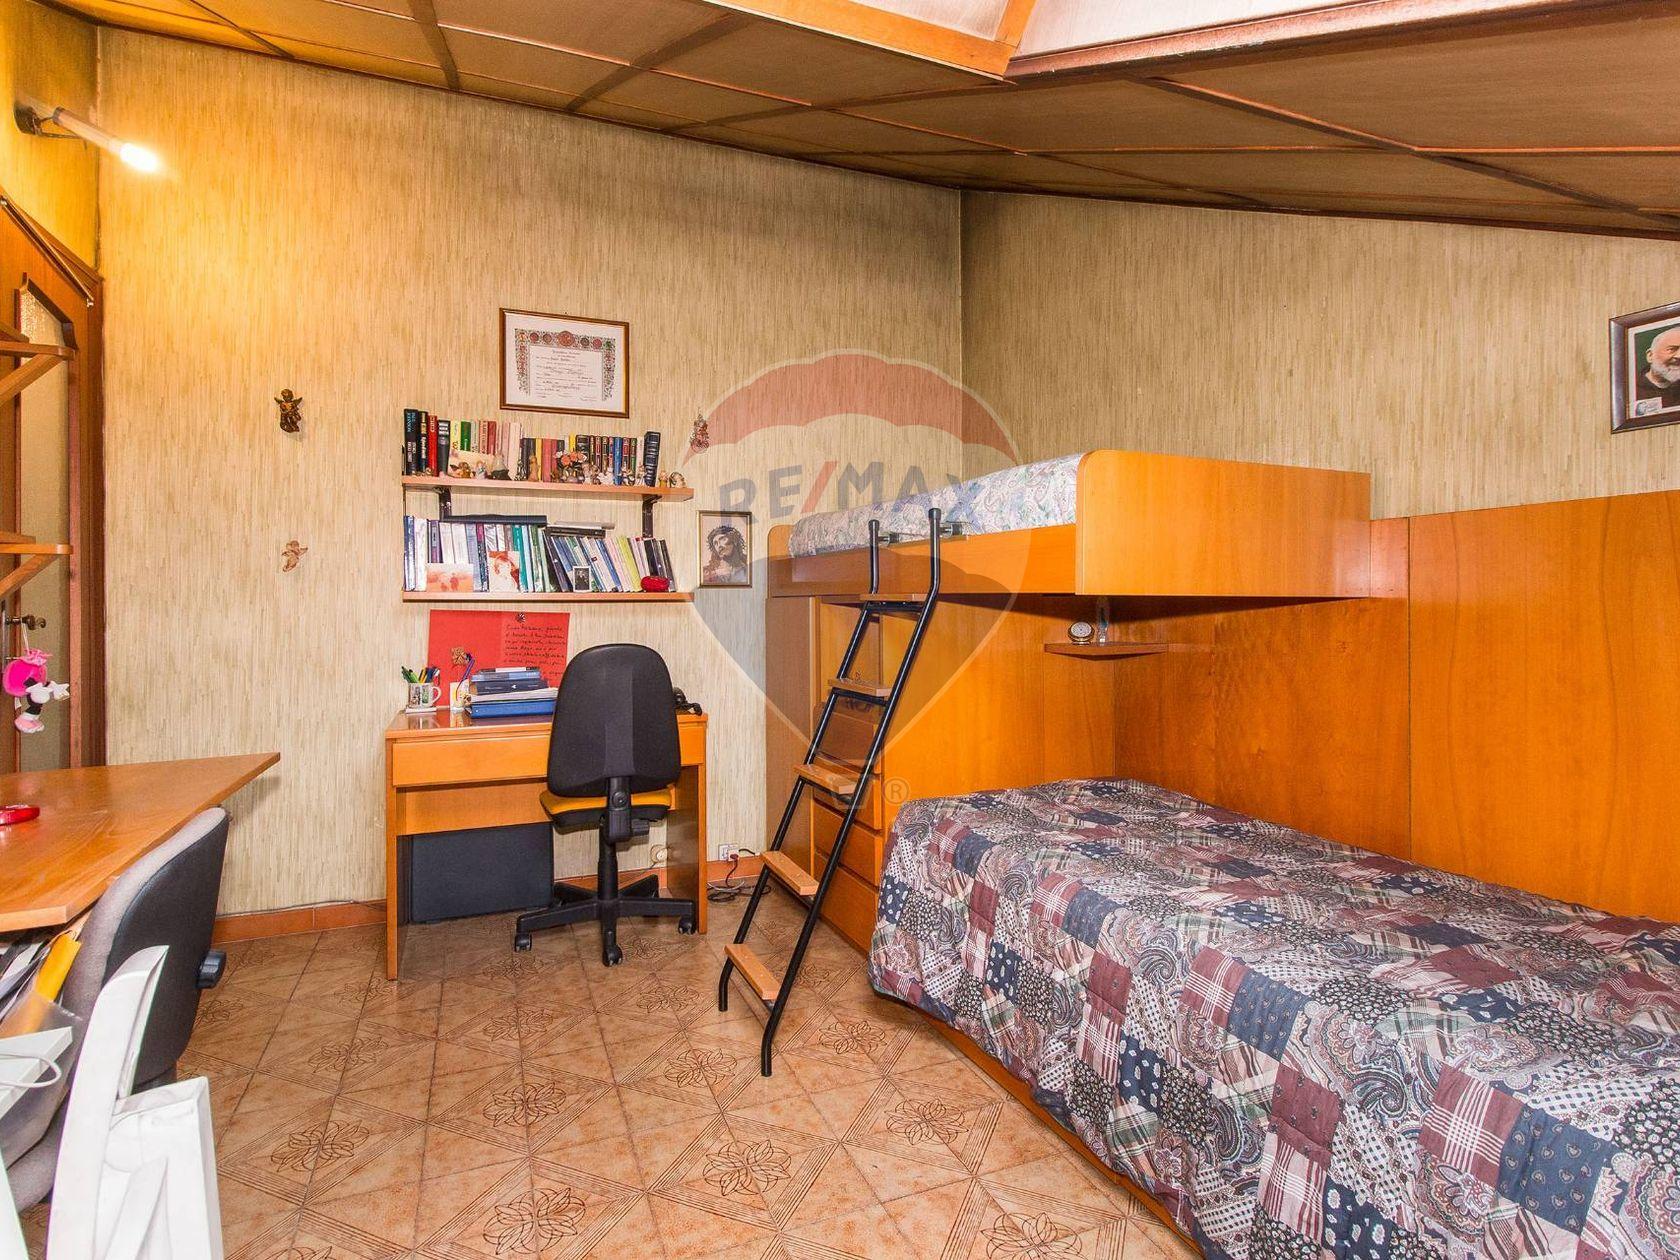 Appartamento San Pietro, Moncalieri, TO Vendita - Foto 29